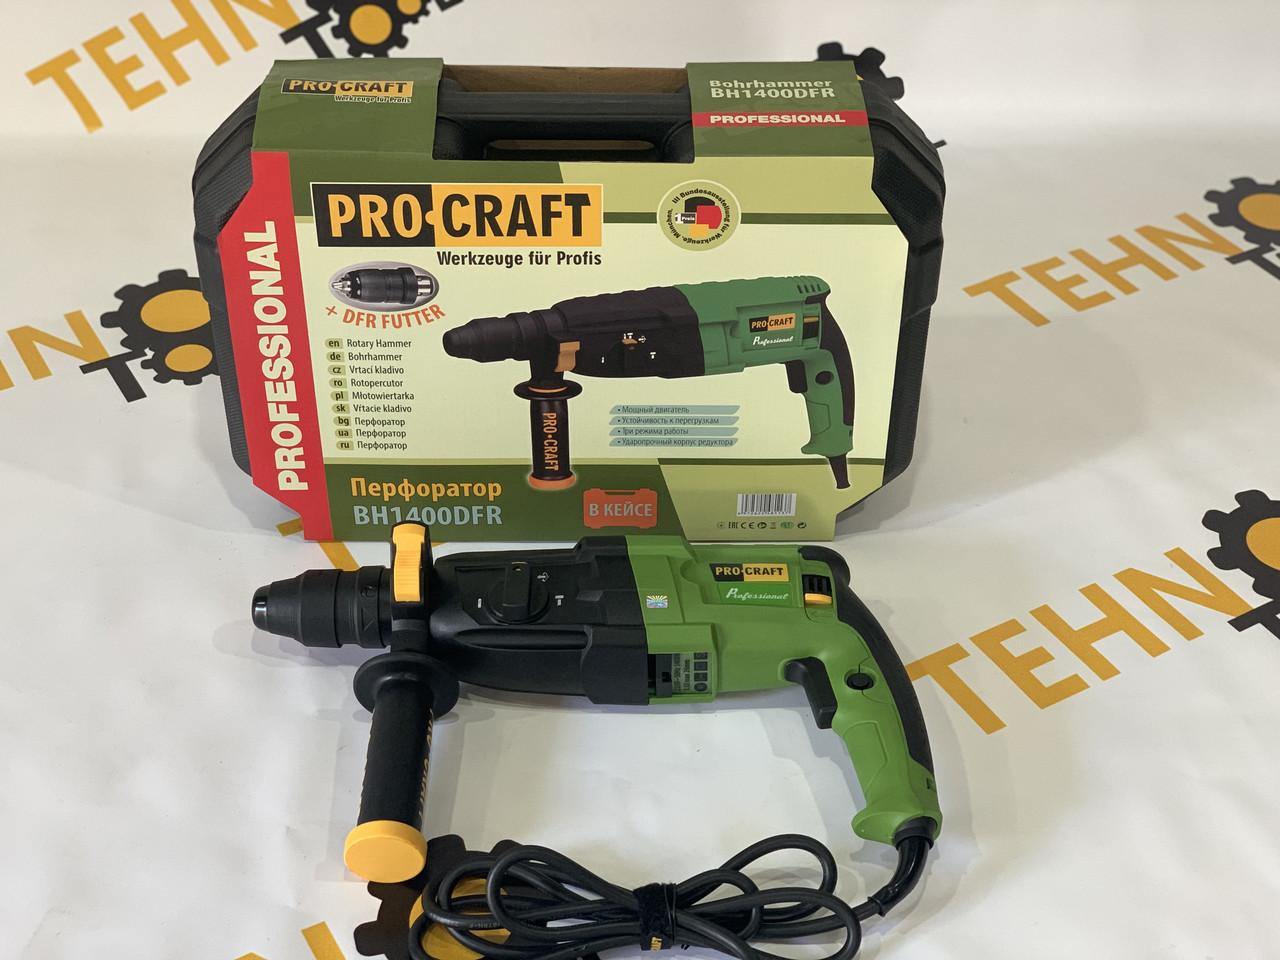 Прямой перфоратор Procraft DH1400DFR съемный патрон